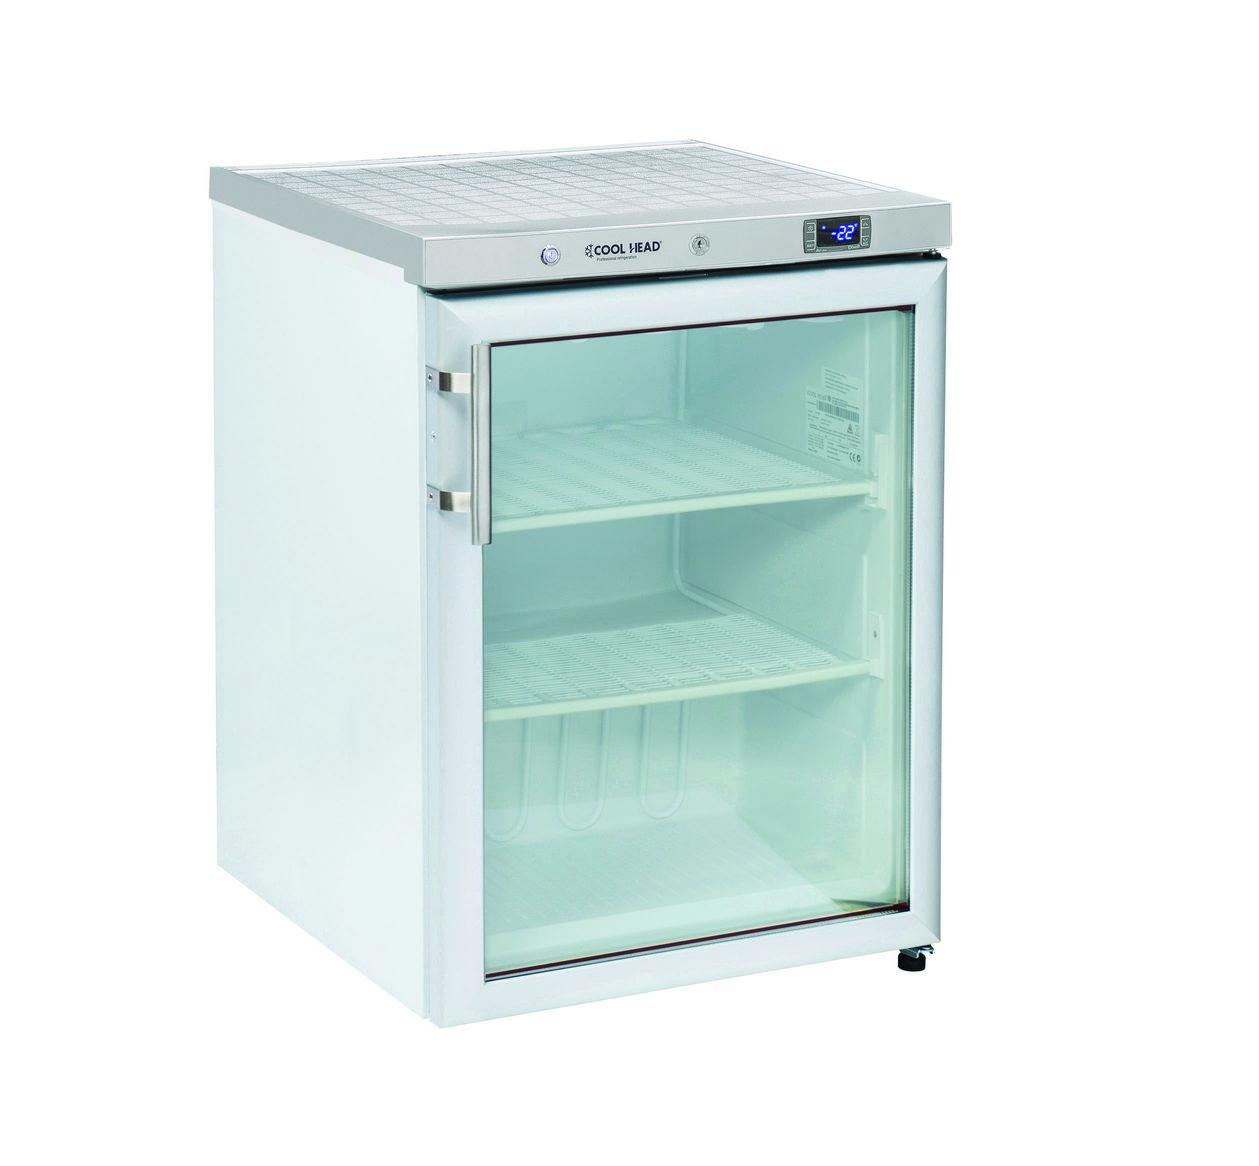 200 literes mélyhűtő, statikus hűtéssel, üveg ajtóval, fehér